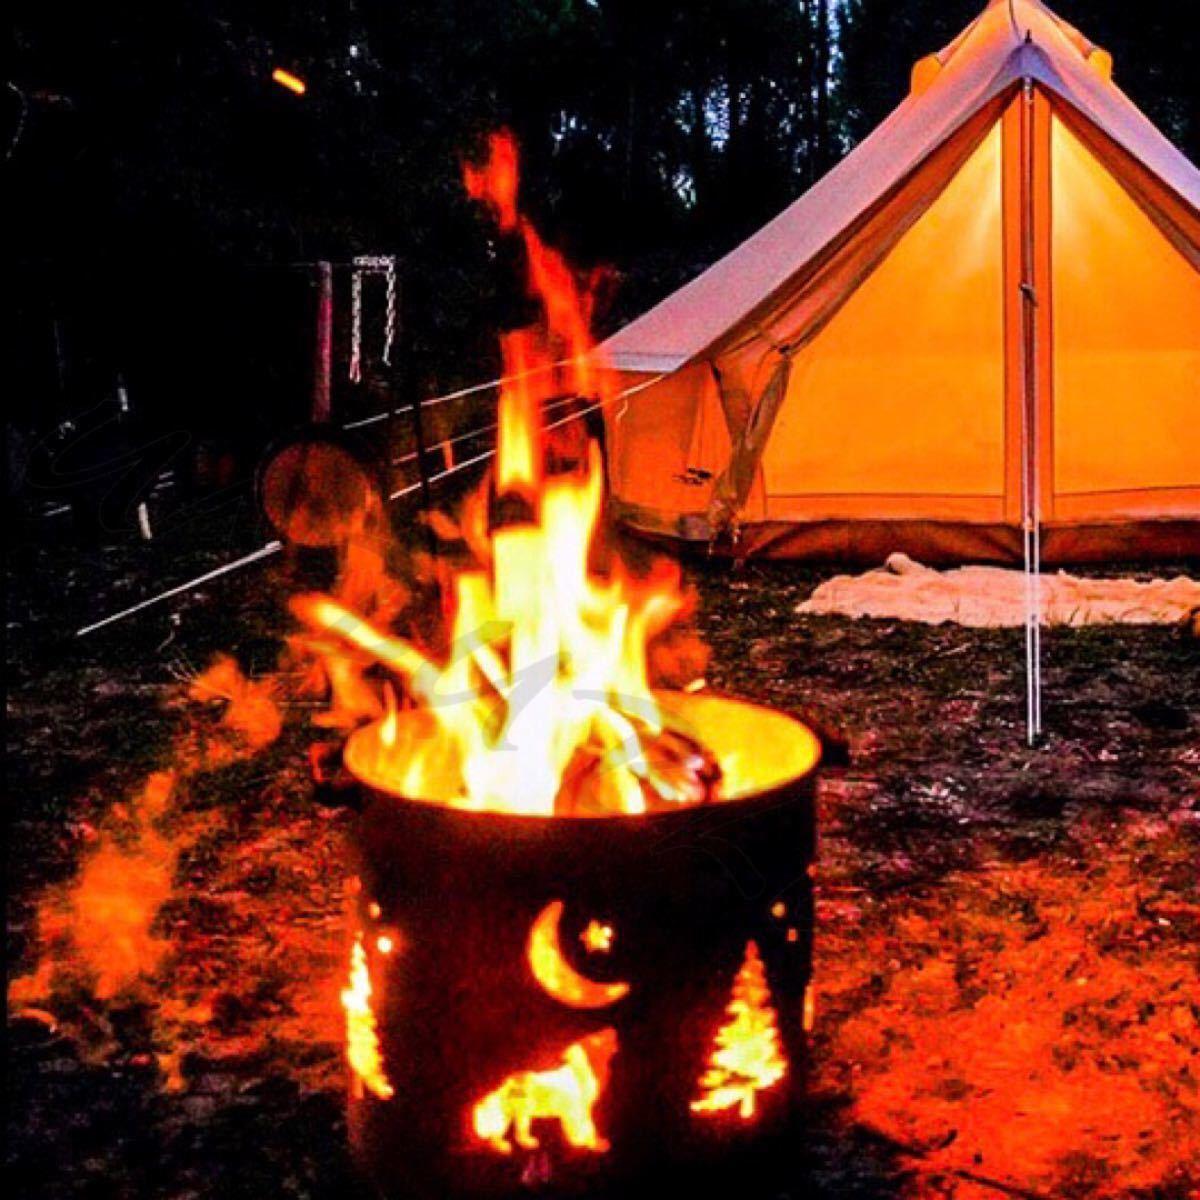 焚き火台 アウトドア アイアン ドラム型 焚火台 キャンプ フォレストデザイン 焚き火 焚火 インスタ チルキャンプ